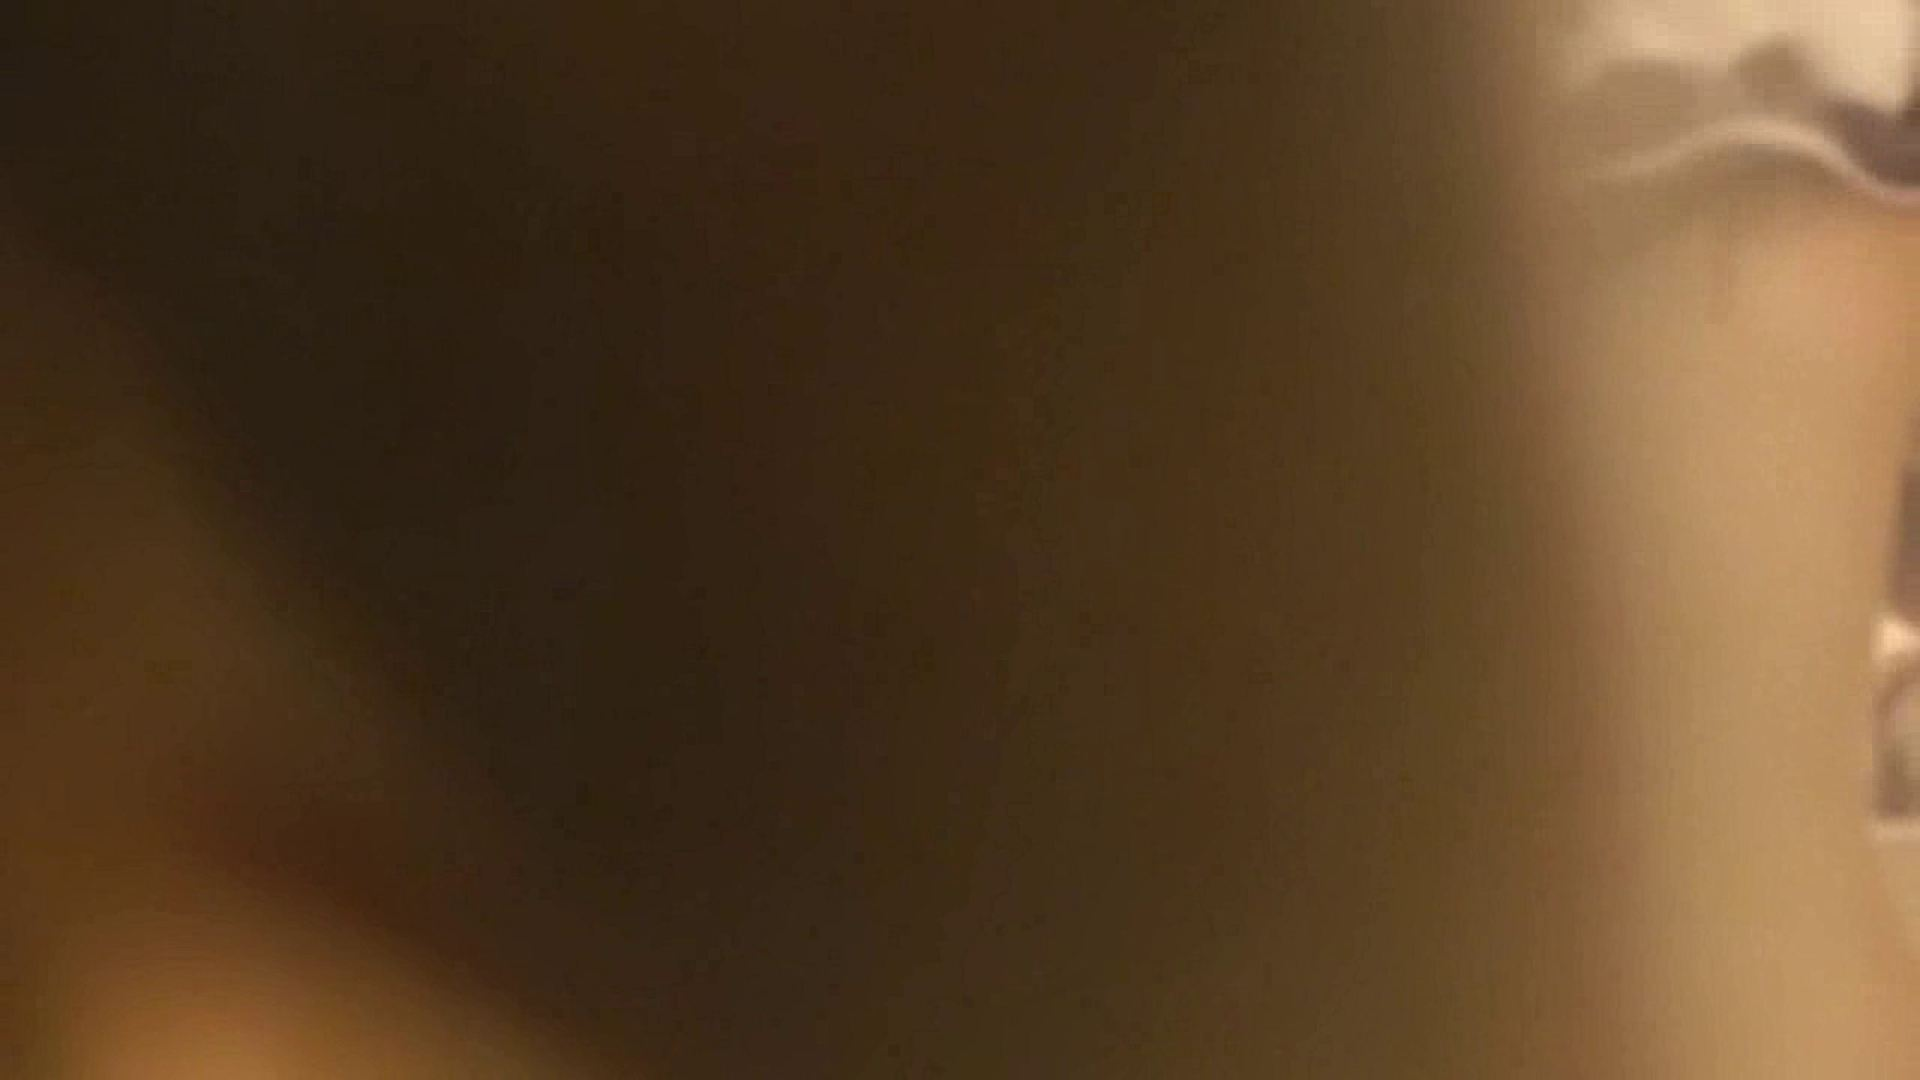 vol.1 Mayumi 窓越しに入浴シーン撮影に成功 OL   入浴シーン  89連発 59